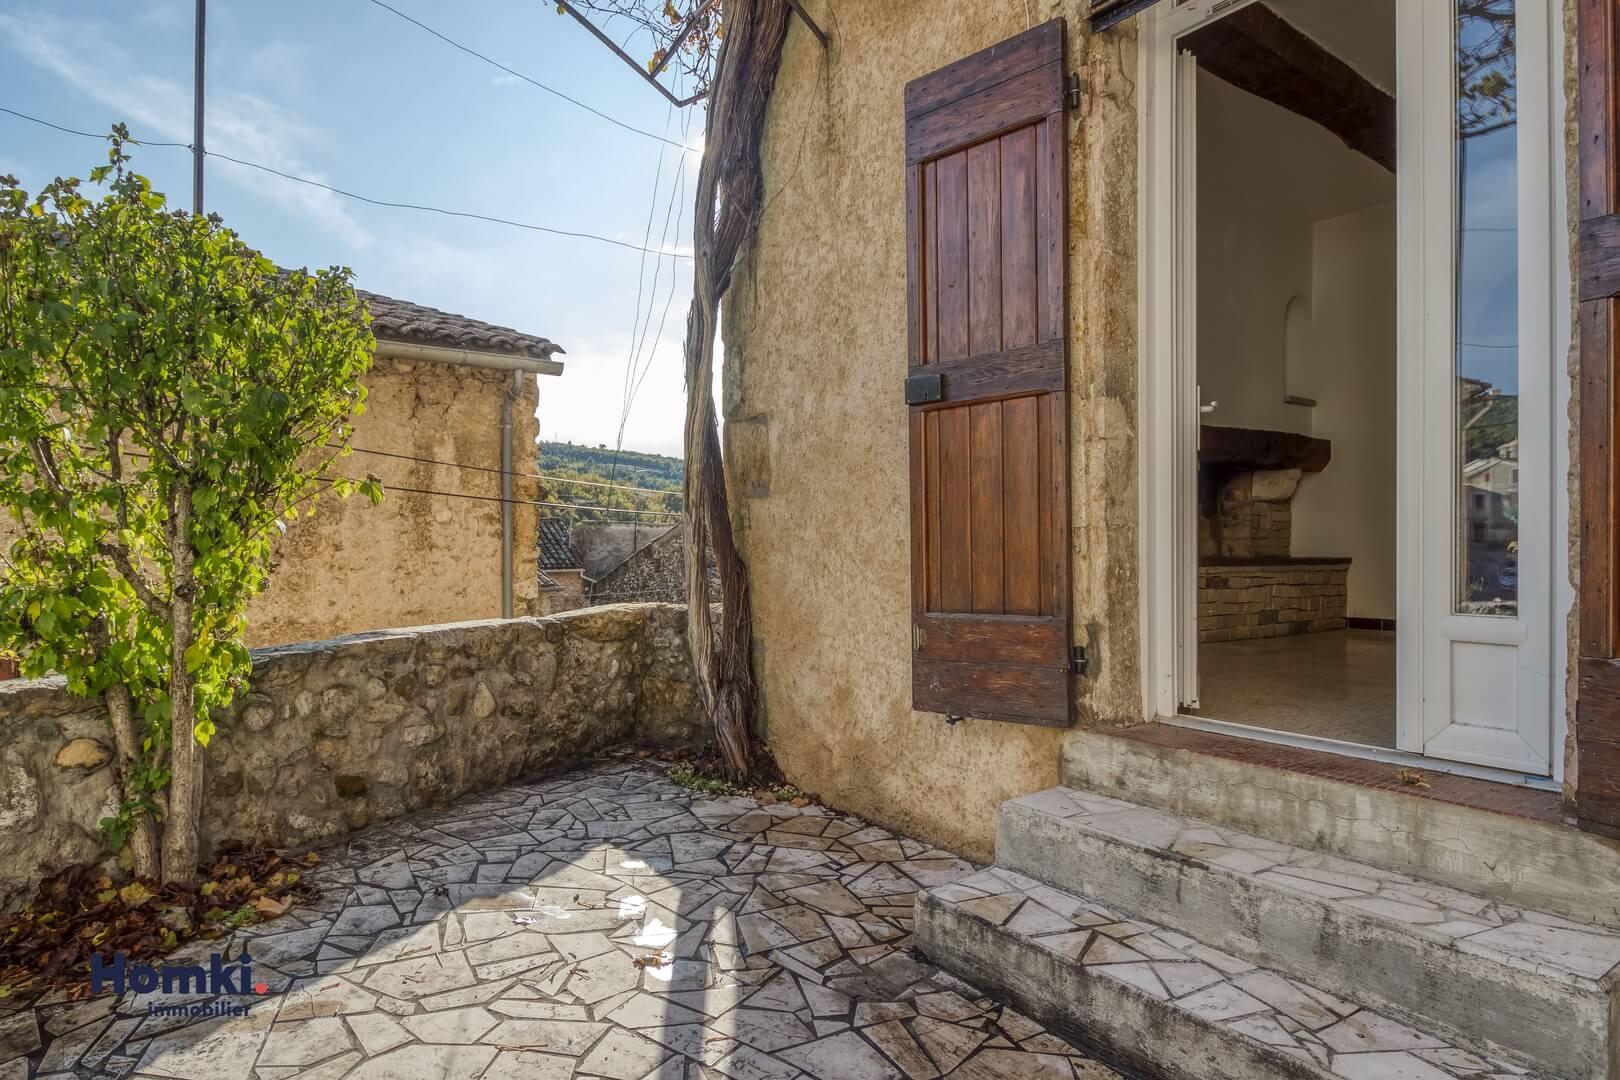 Homki - Vente maison/villa  de 39.0 m² à st martin de bromes 04800